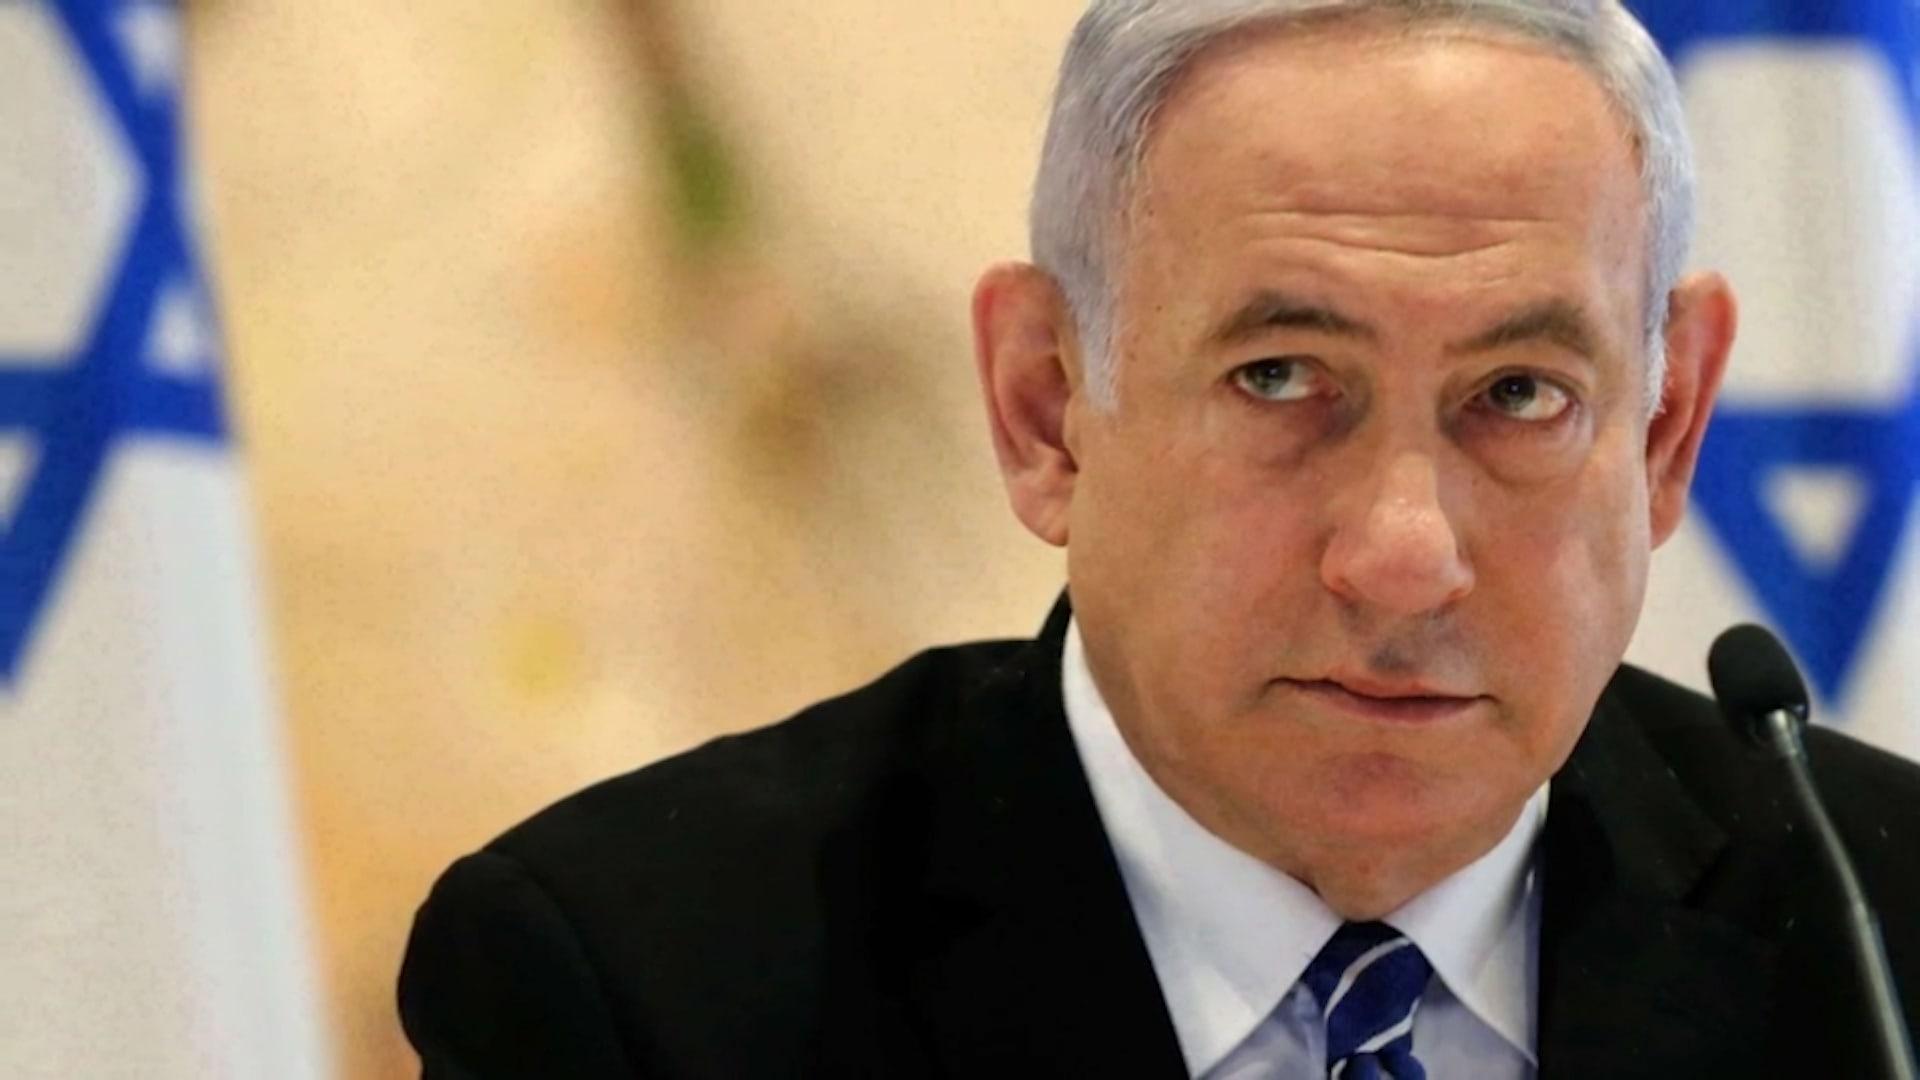 المعارضة الإسرائيلية تواصل جهودها لتشكيل ائتلاف يمكن أن يطيح بنتنياهو